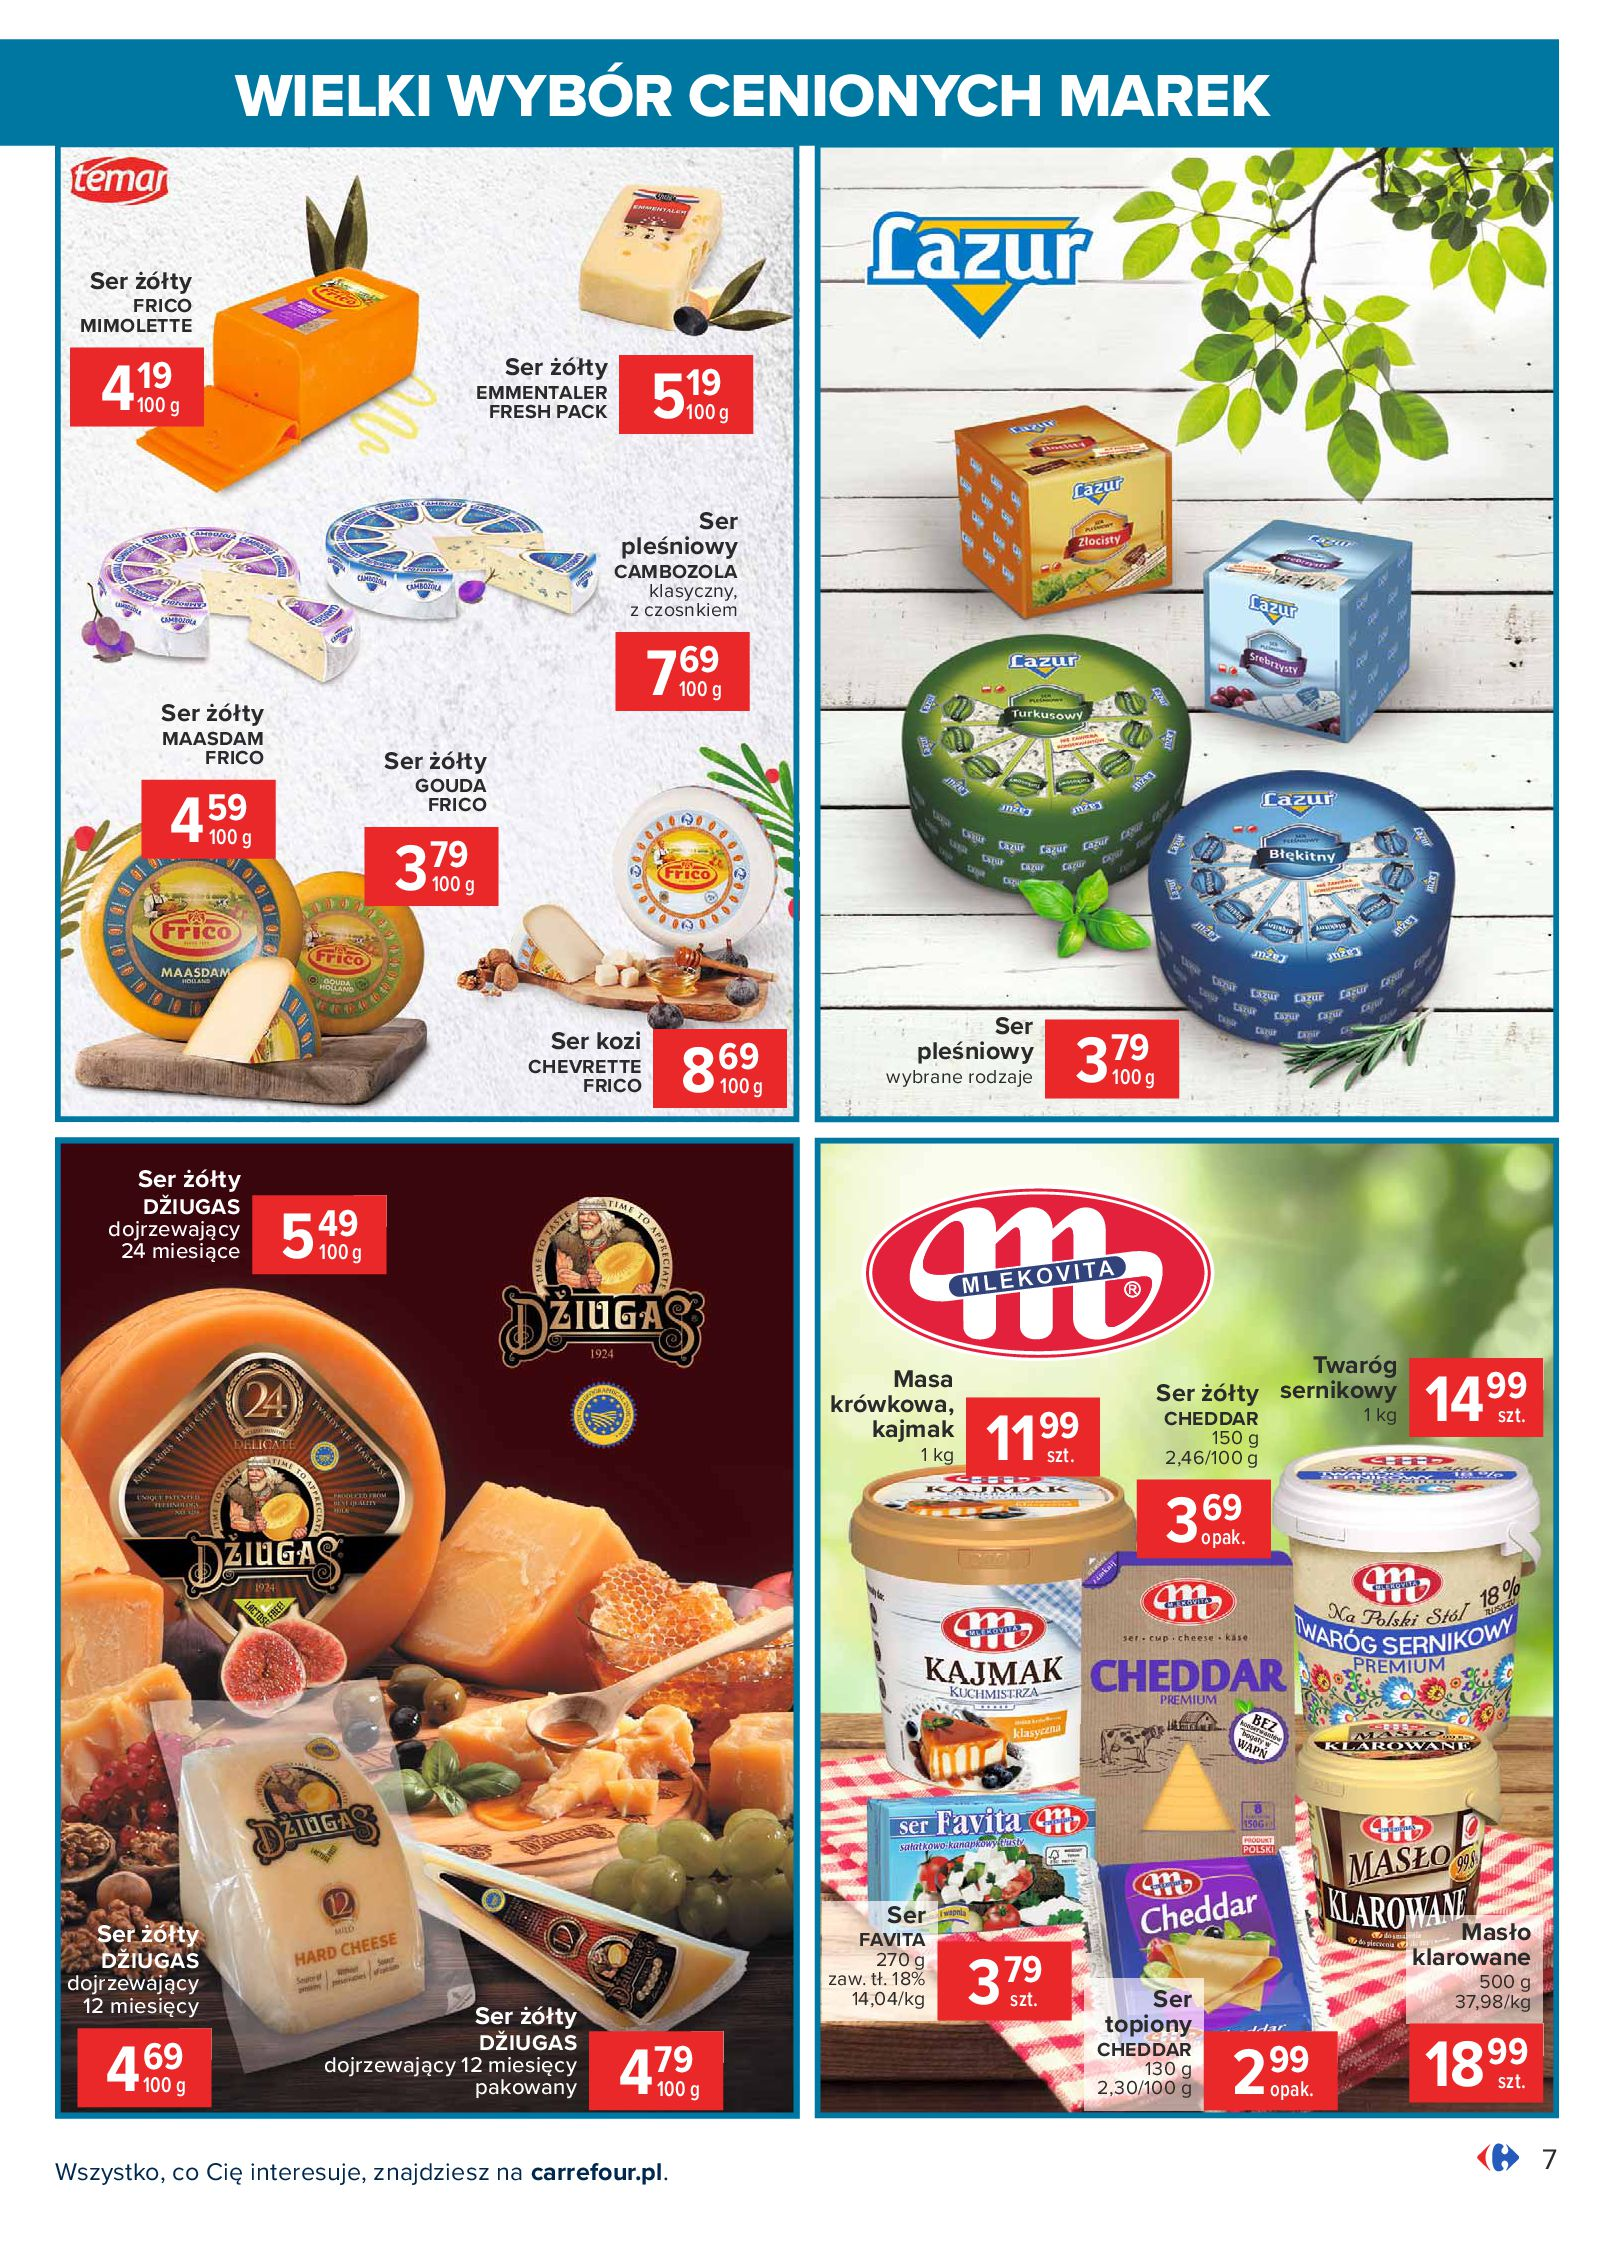 Gazetka Carrefour: Wielki wybór cenionych marek 2021-05-04 page-7